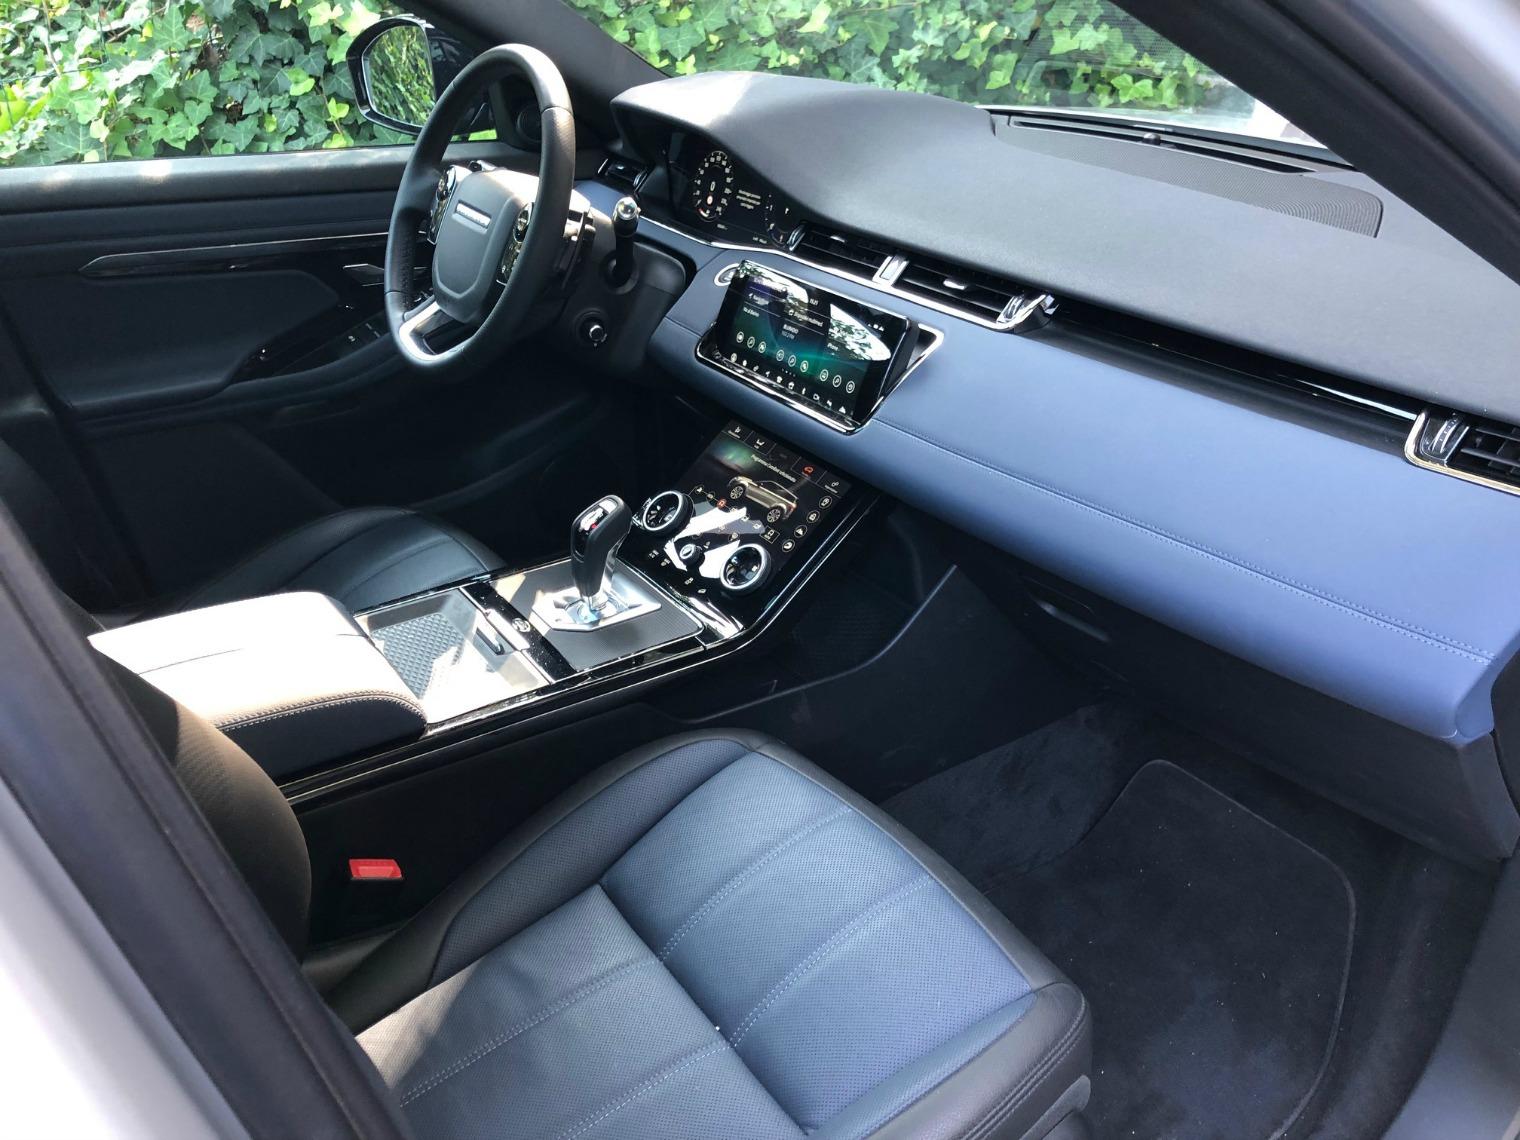 Plancia nuova Range Rover Evoque